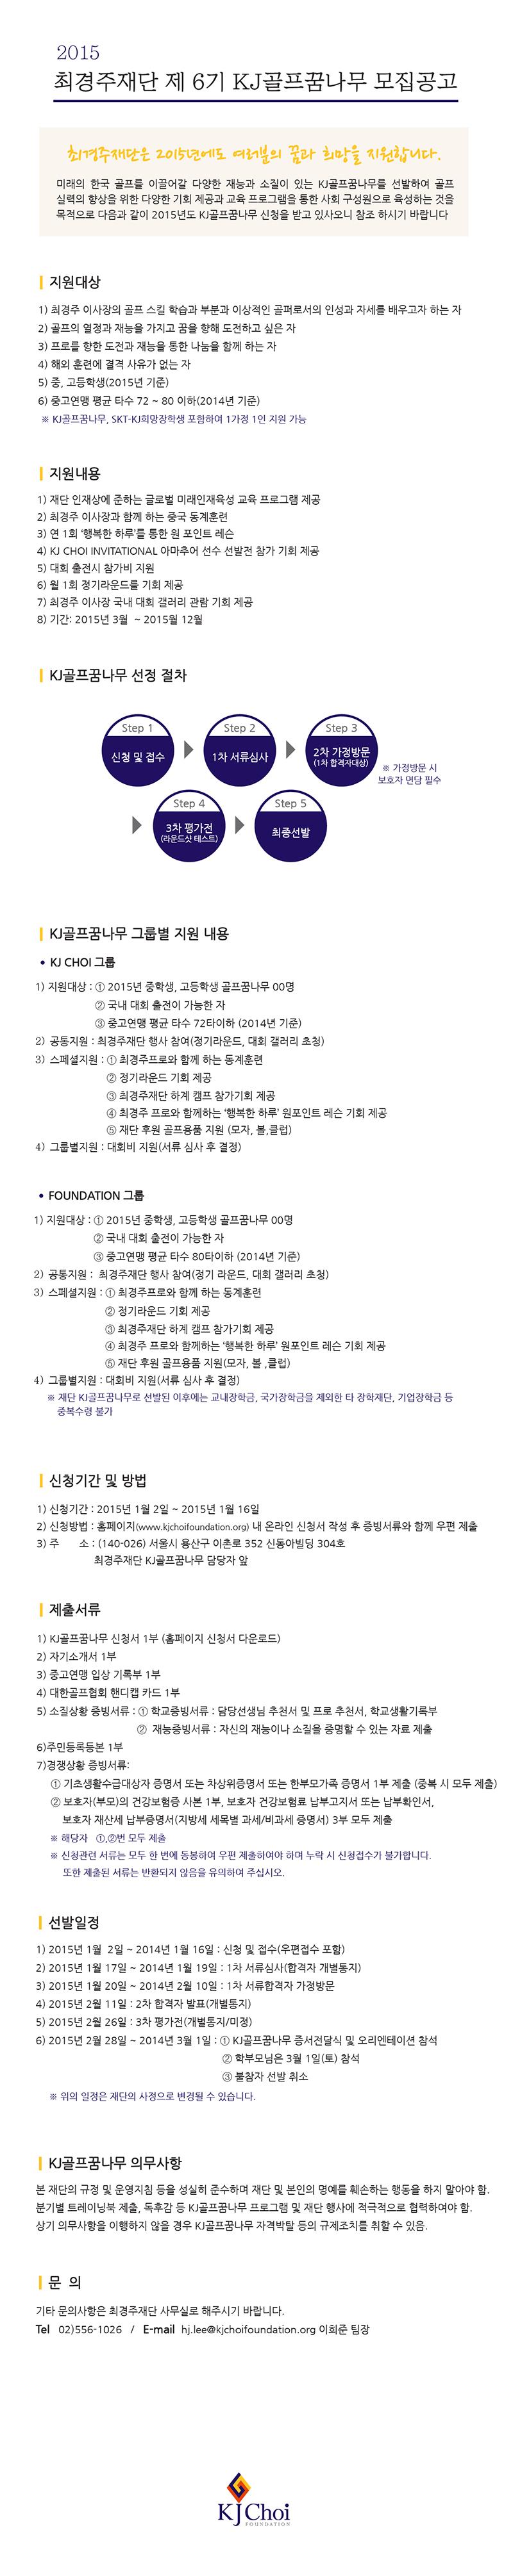 2015 최경주재단 제 6기 KJ골프꿈나무 모집공고